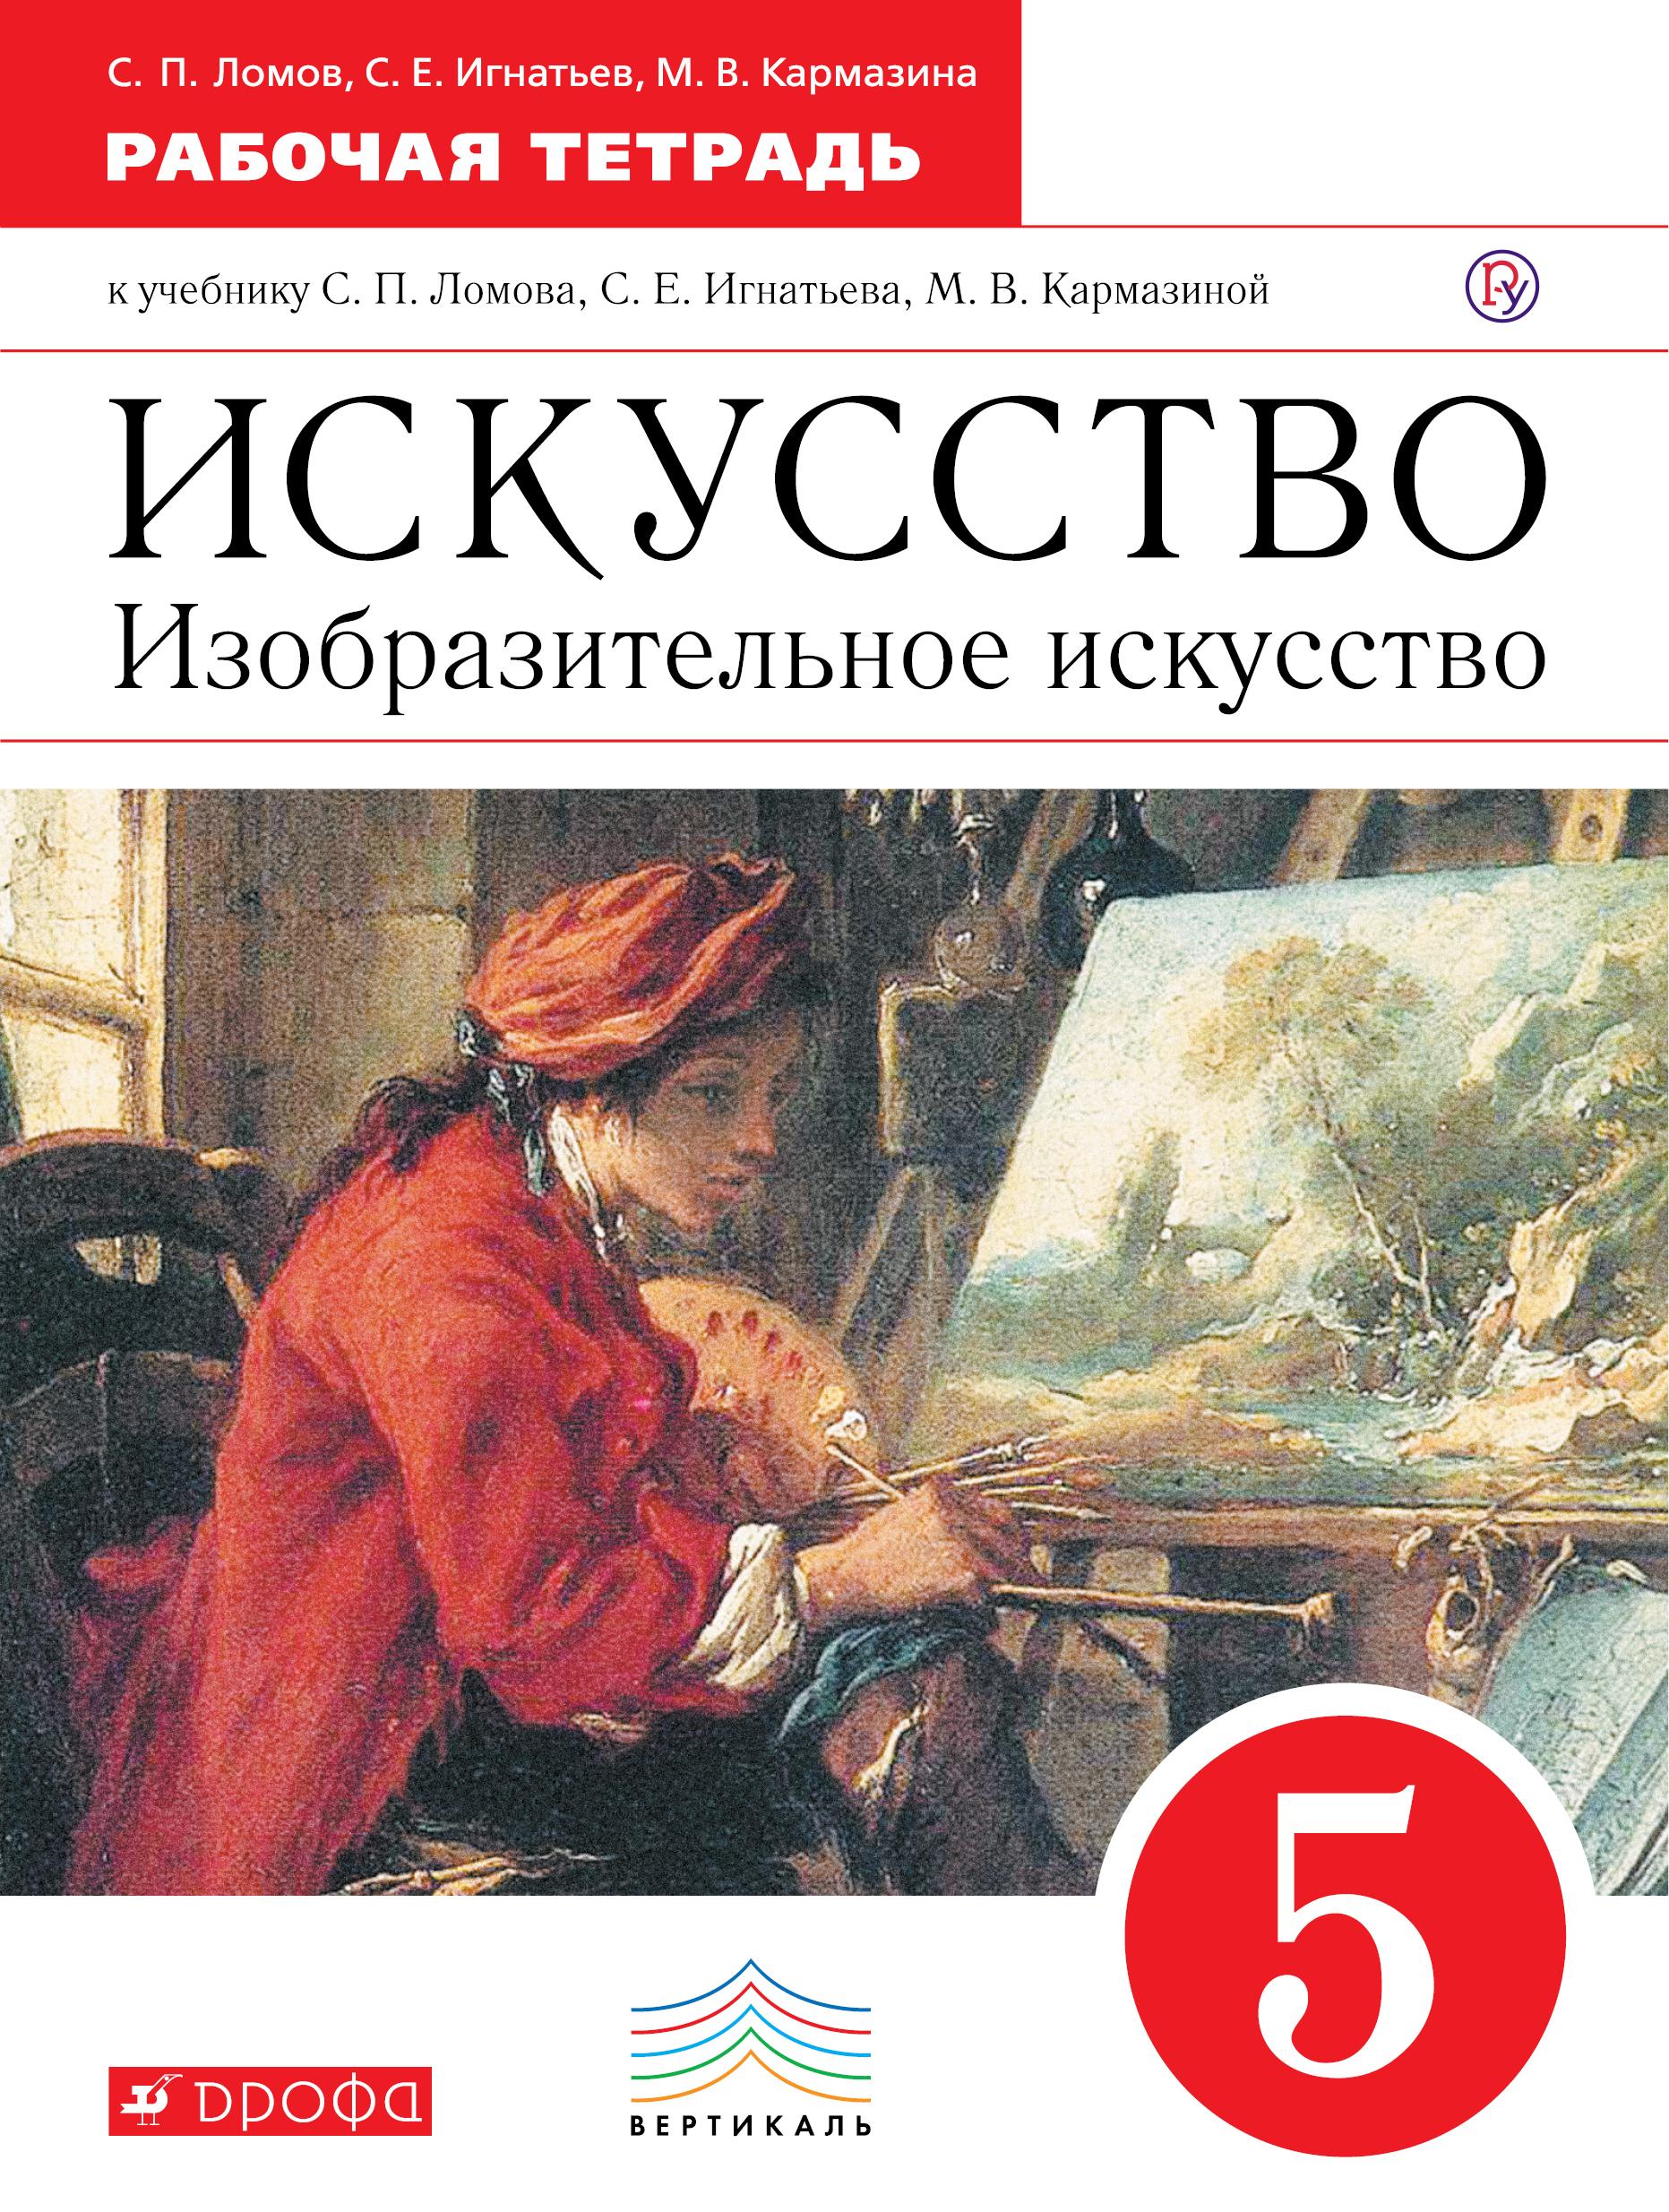 Изобразительное искусство. 5 класс. Рабочая тетрадь. ( Ломов С.П., Игнатьев С.Е., Кармазина М.В.  )